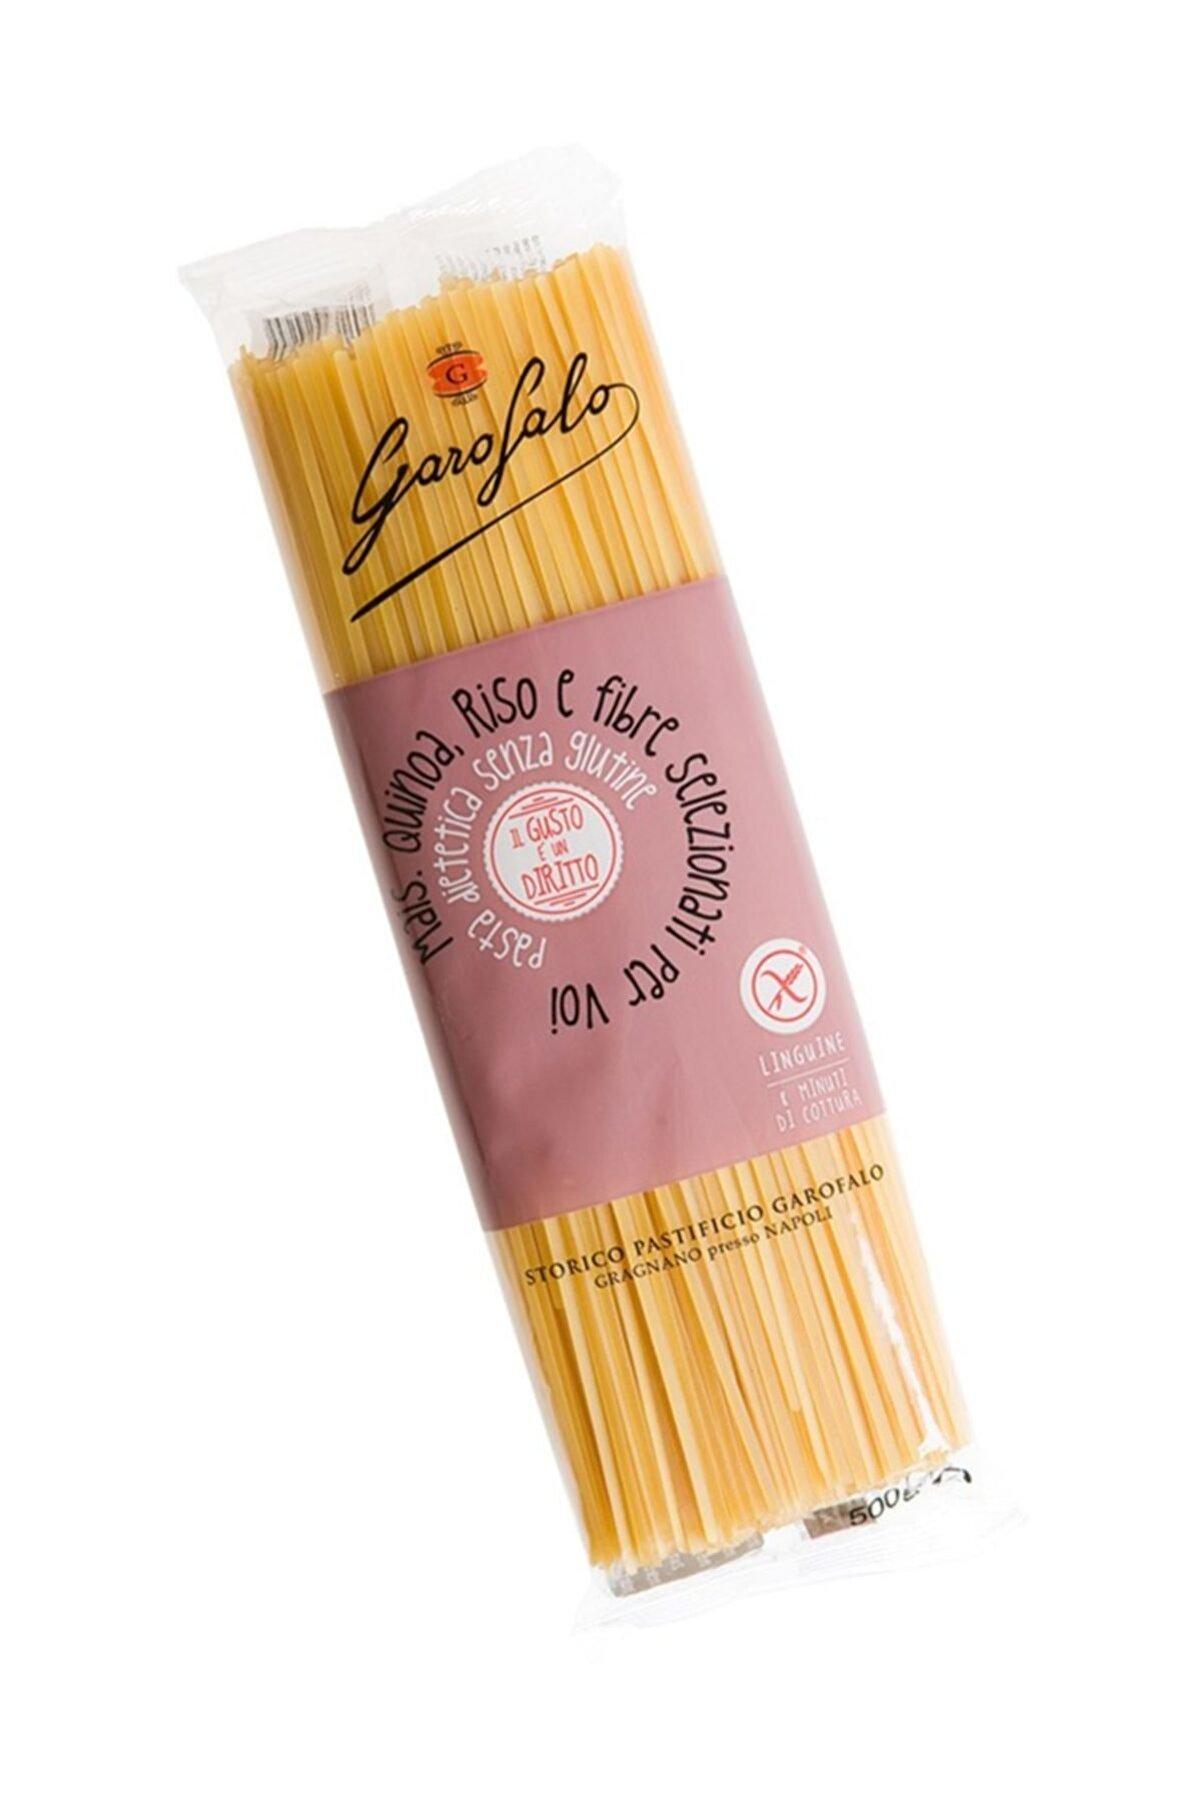 Garofalo Glutensiz Spagetti Makarna 500g - Orijinal Italyan !